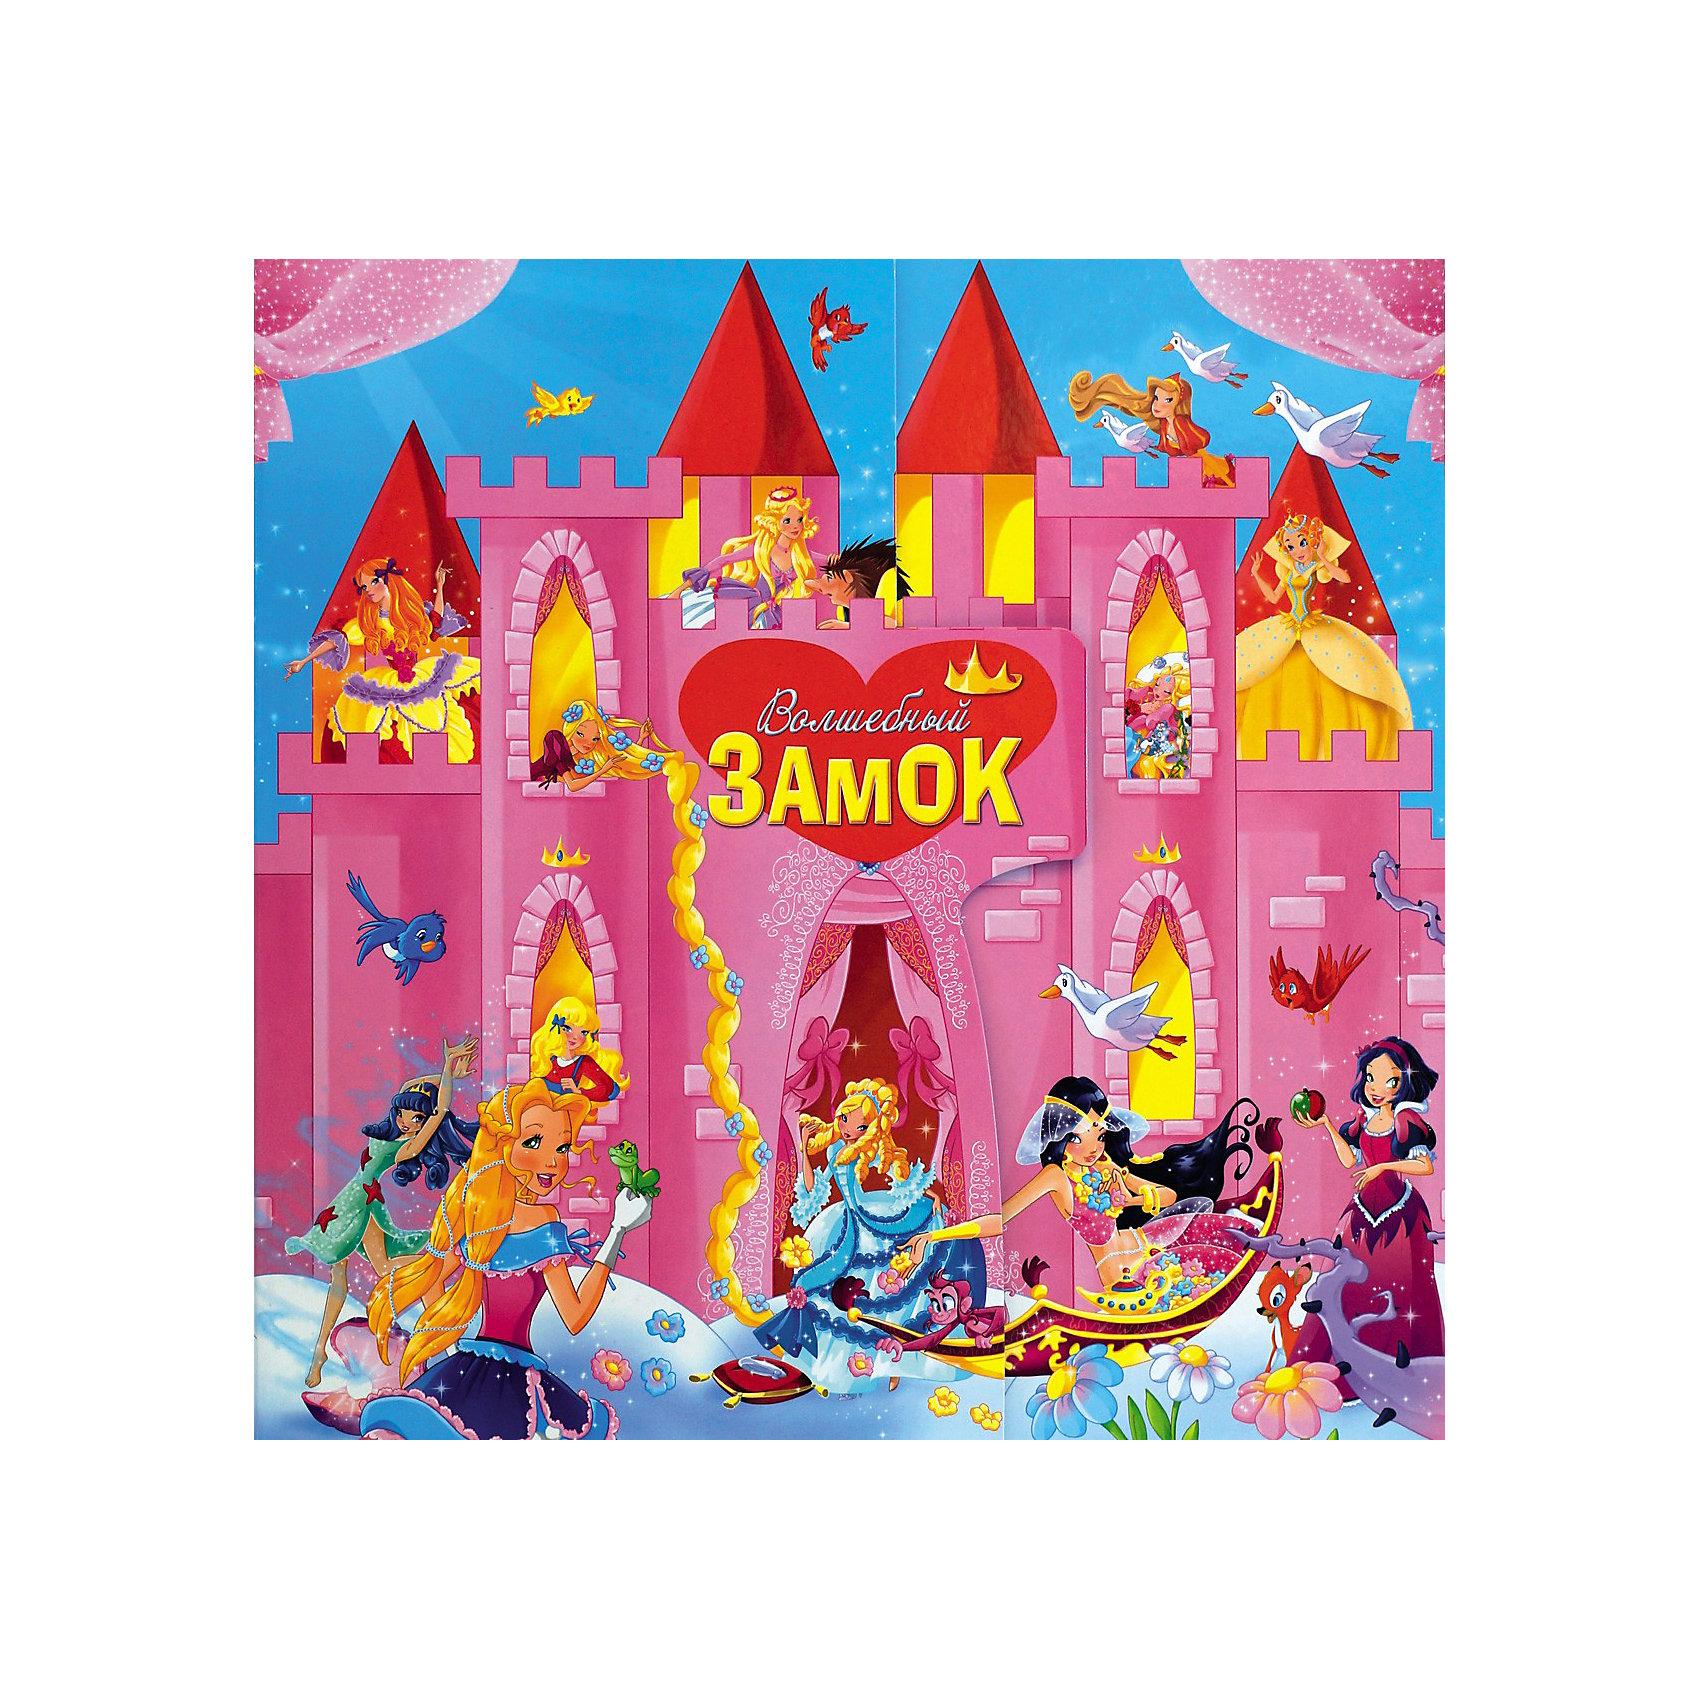 Коллекция книг Волшебный замок (13 в 1)Подарочный набор для девочек из 13 мини-книжек с самыми любимыми сказками про прекрасных принцесс в красиво оформленной коробке в виде замка. Новая увлекательная история каждый день!&#13;<br>&#13;<br>Обложка: Картон <br>Формат: 425х425х20 <br>Объем: 12стр.<br><br>Ширина мм: 425<br>Глубина мм: 425<br>Высота мм: 20<br>Вес г: 1440<br>Возраст от месяцев: 24<br>Возраст до месяцев: 84<br>Пол: Женский<br>Возраст: Детский<br>SKU: 3375169